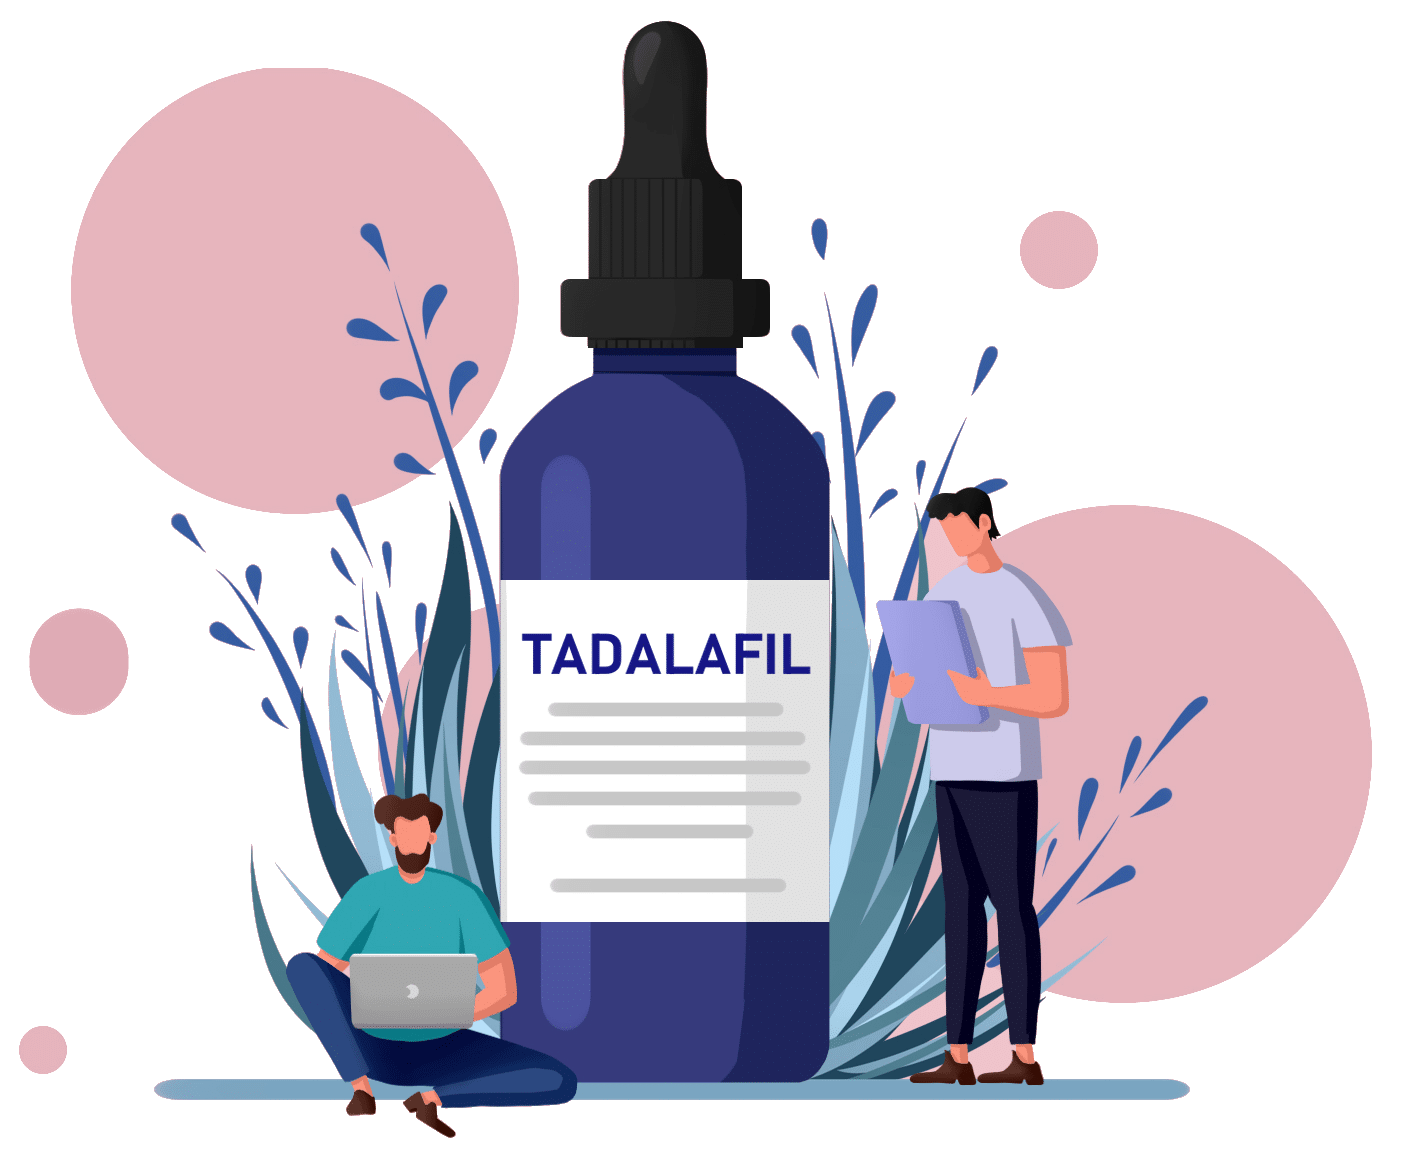 Liquid Tadalafil